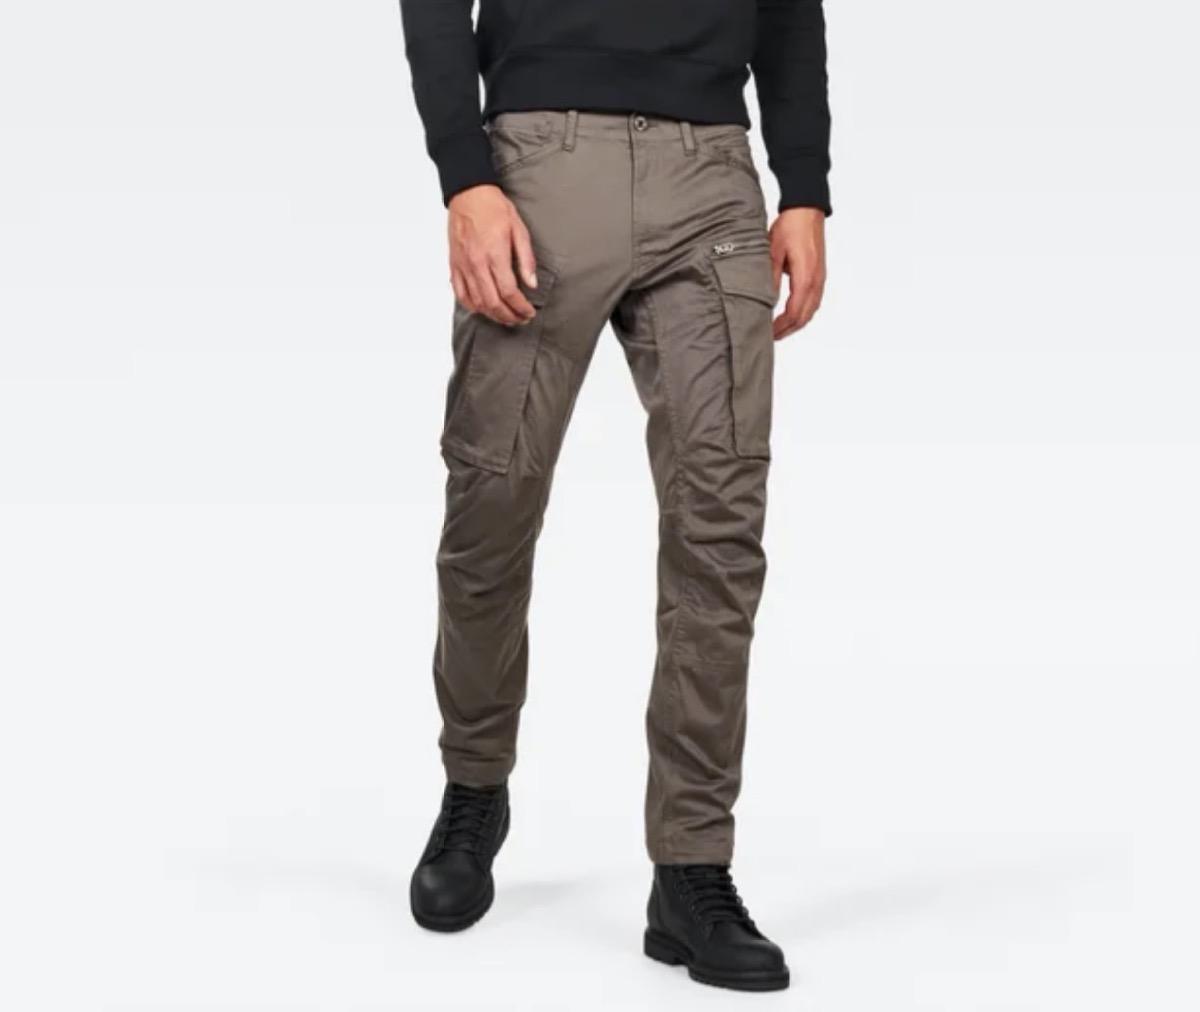 white guy in gray cargo pants